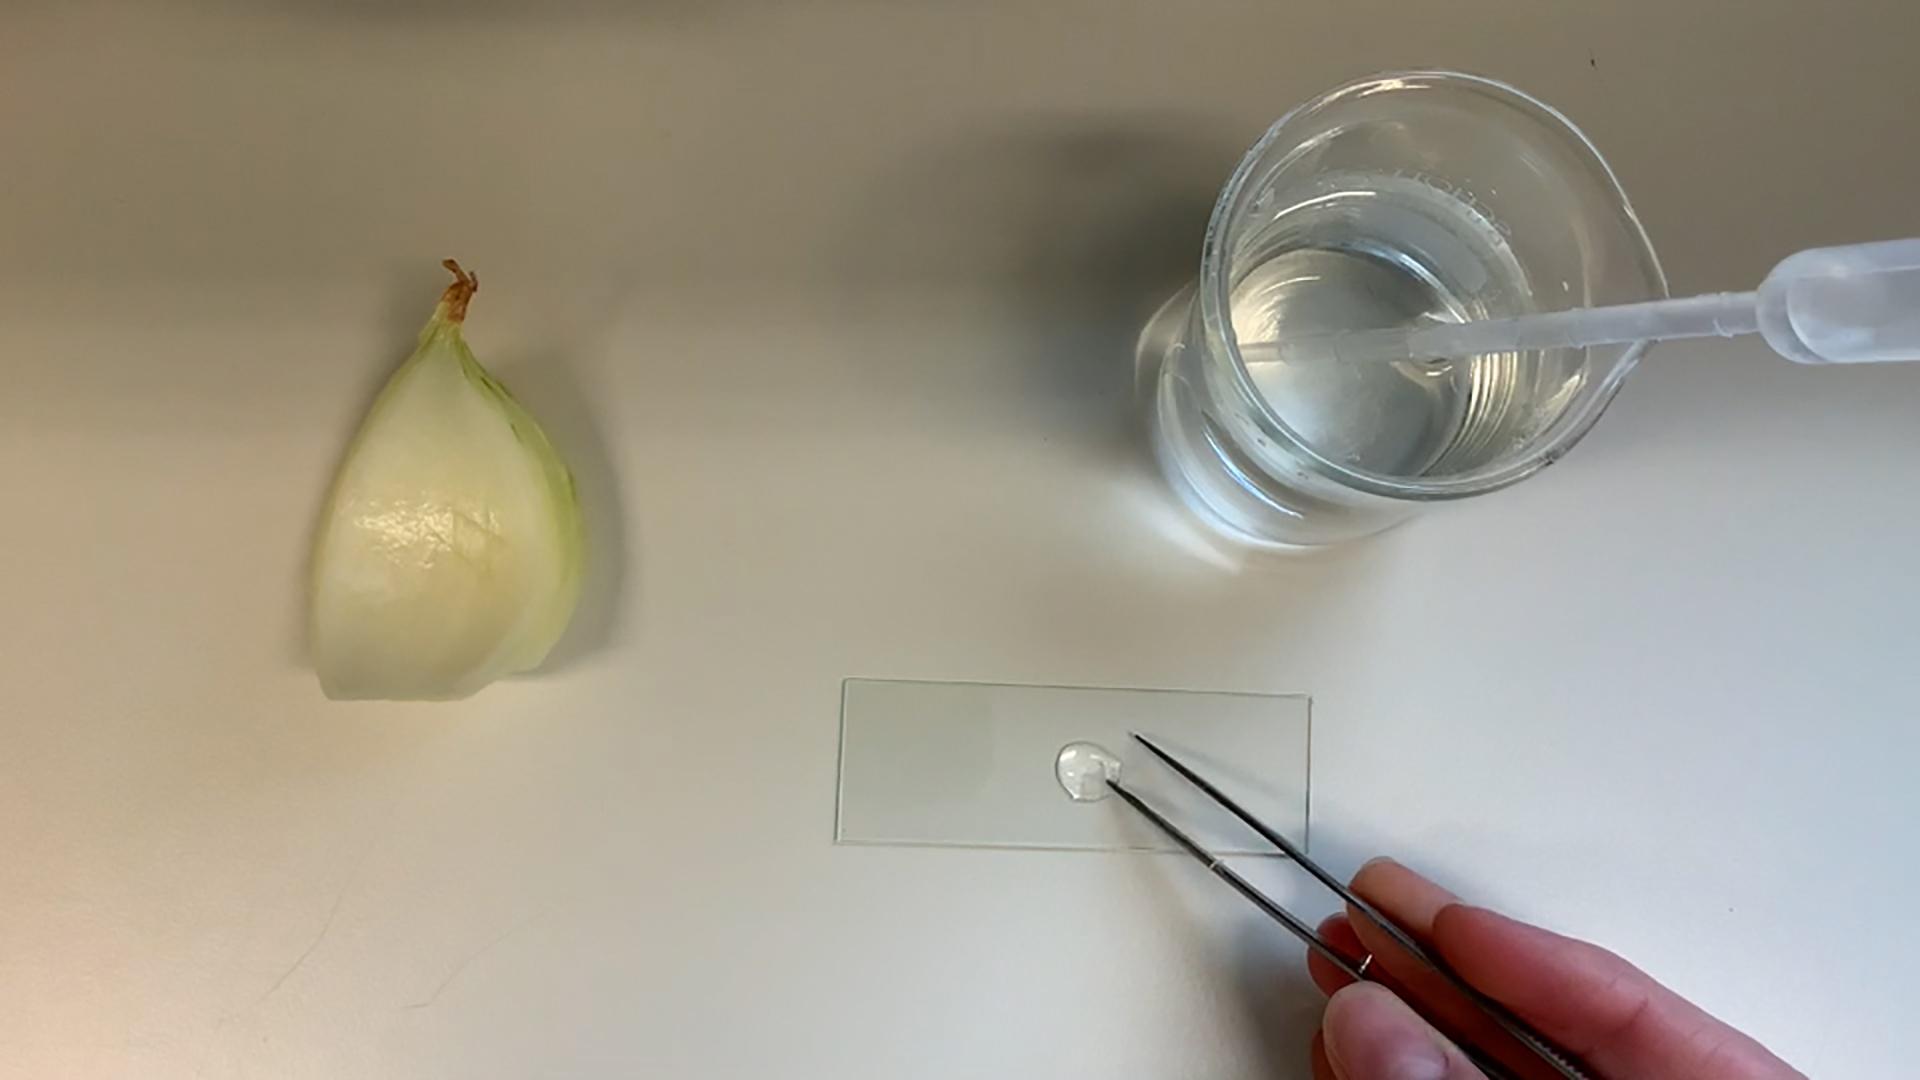 Vorschaubild Video Biologie & Naturwissenschaften - Mikroskopieren Tag der offenen Tuer